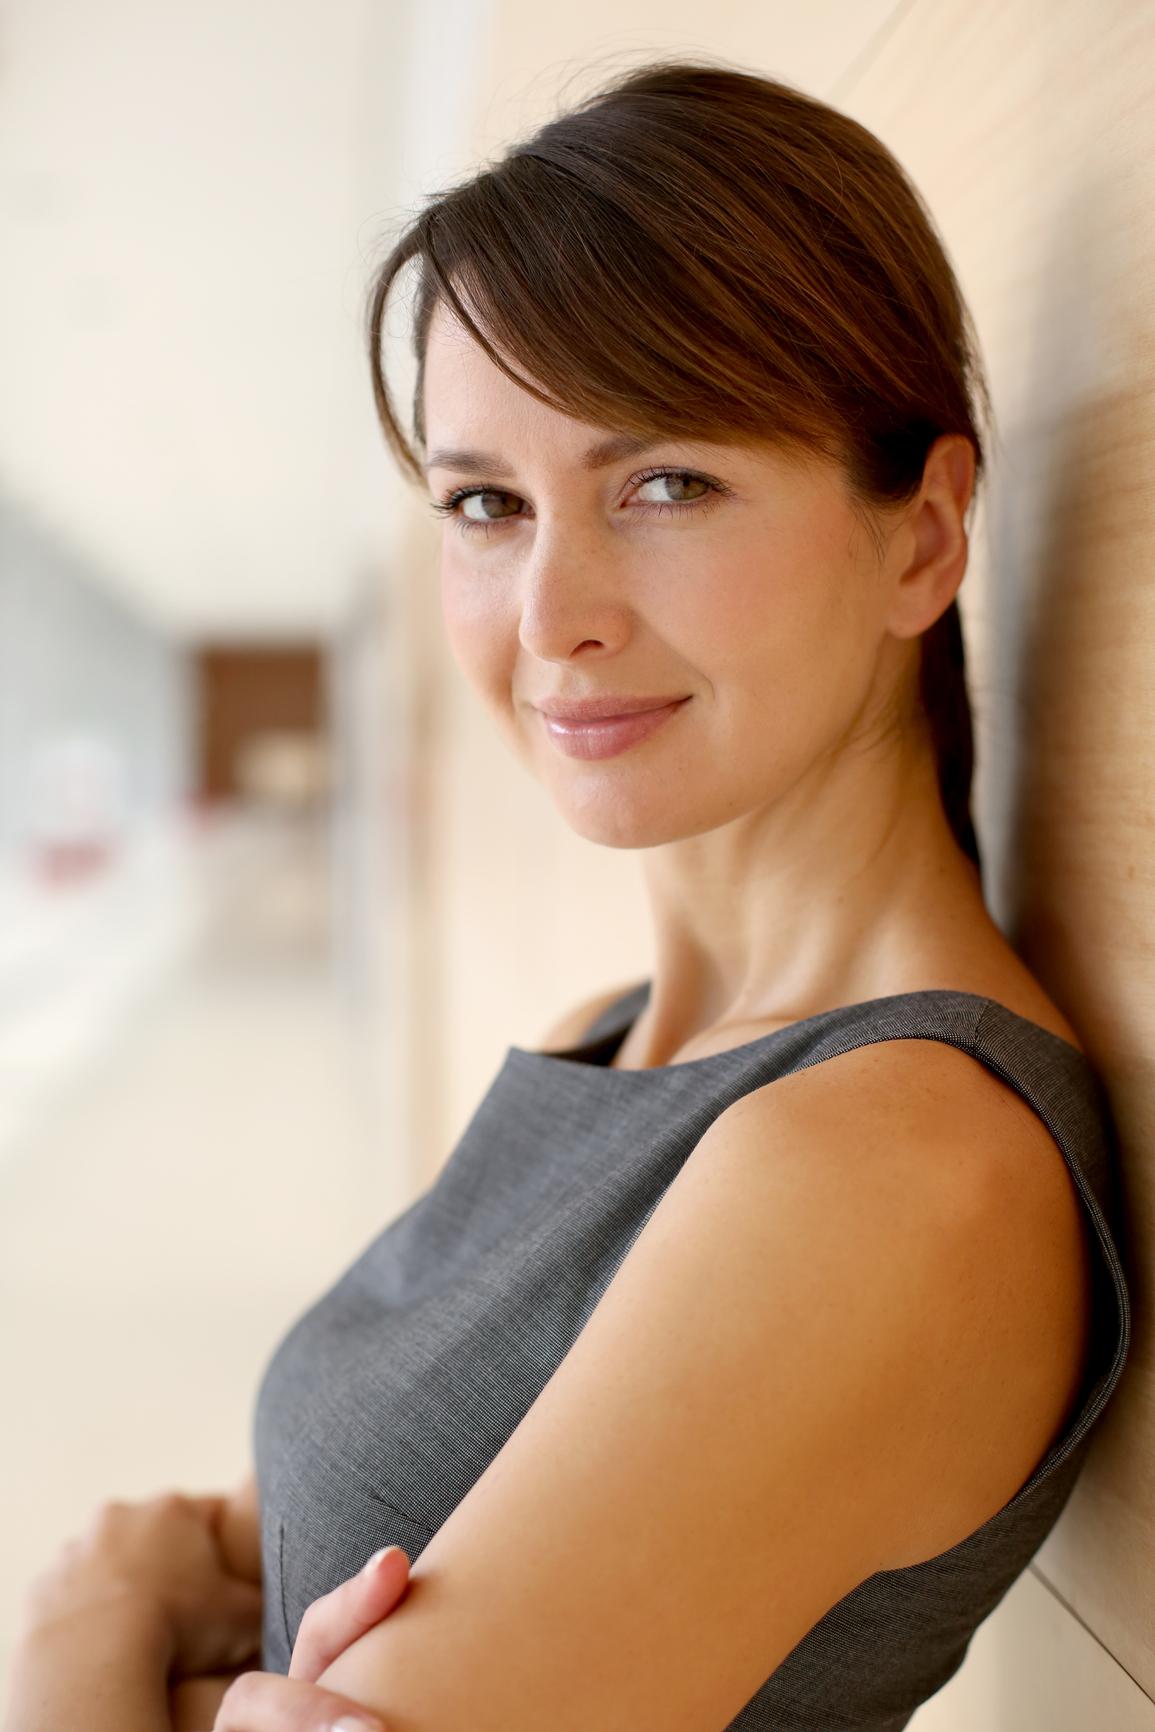 Простые правила помогут тебе избавиться от вредных привычек